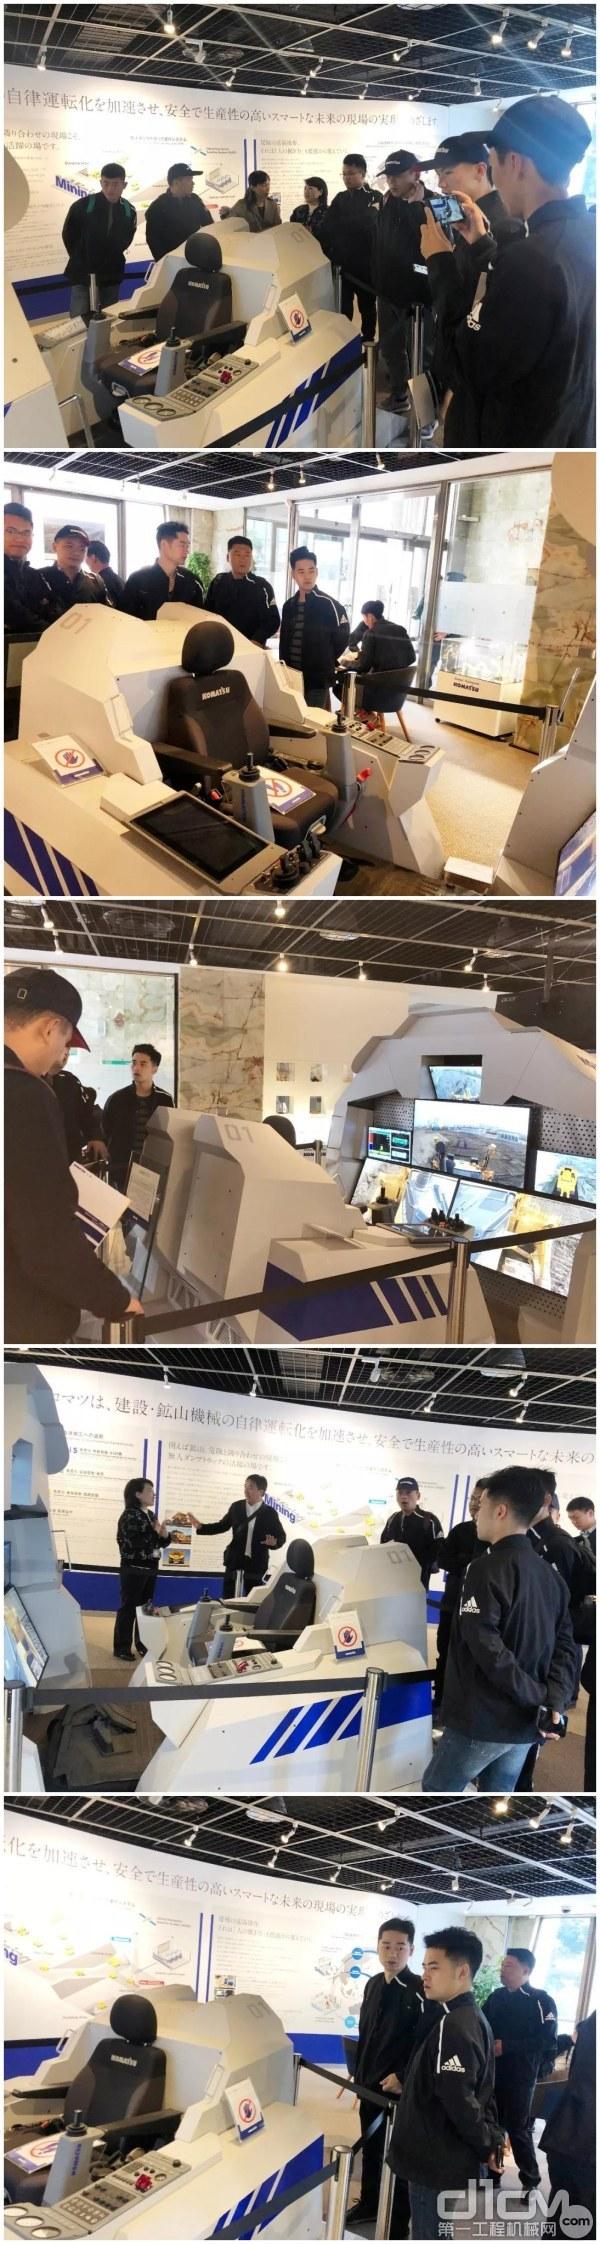 无人驾驶模拟展示